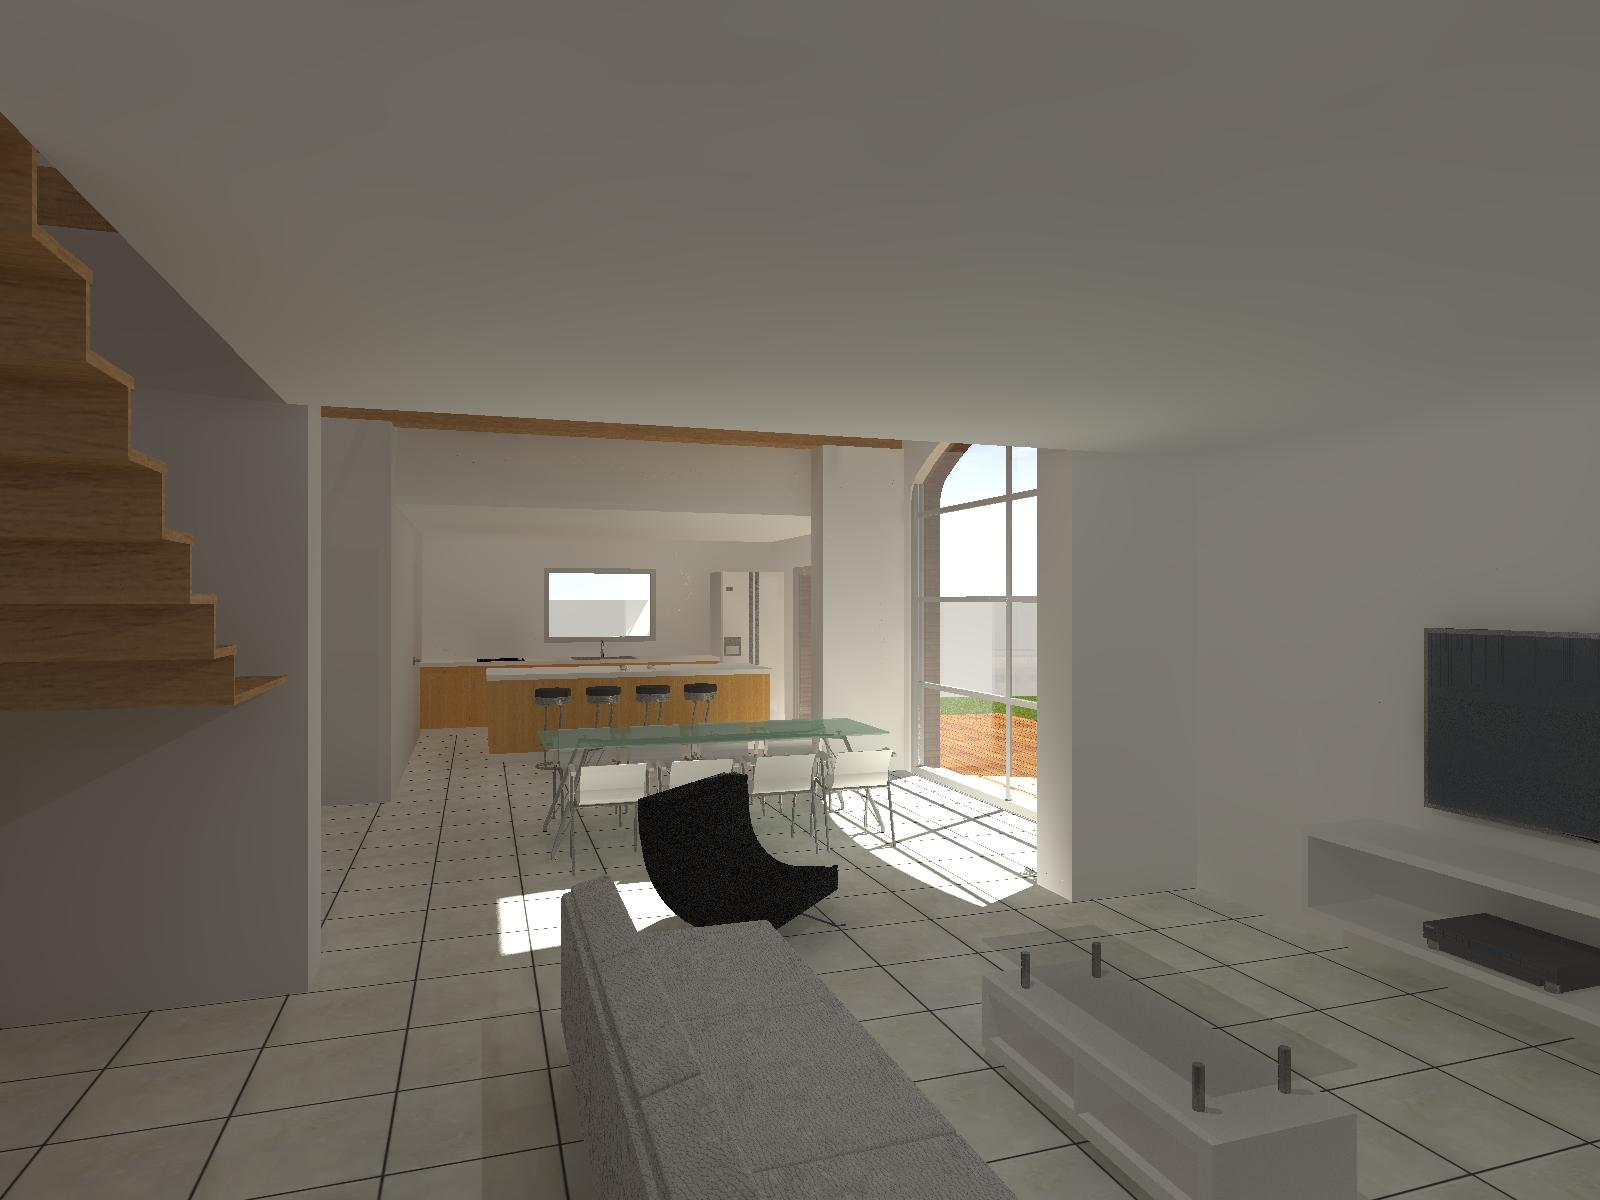 16-31-atelier-permis-de-construire-plans-grange25